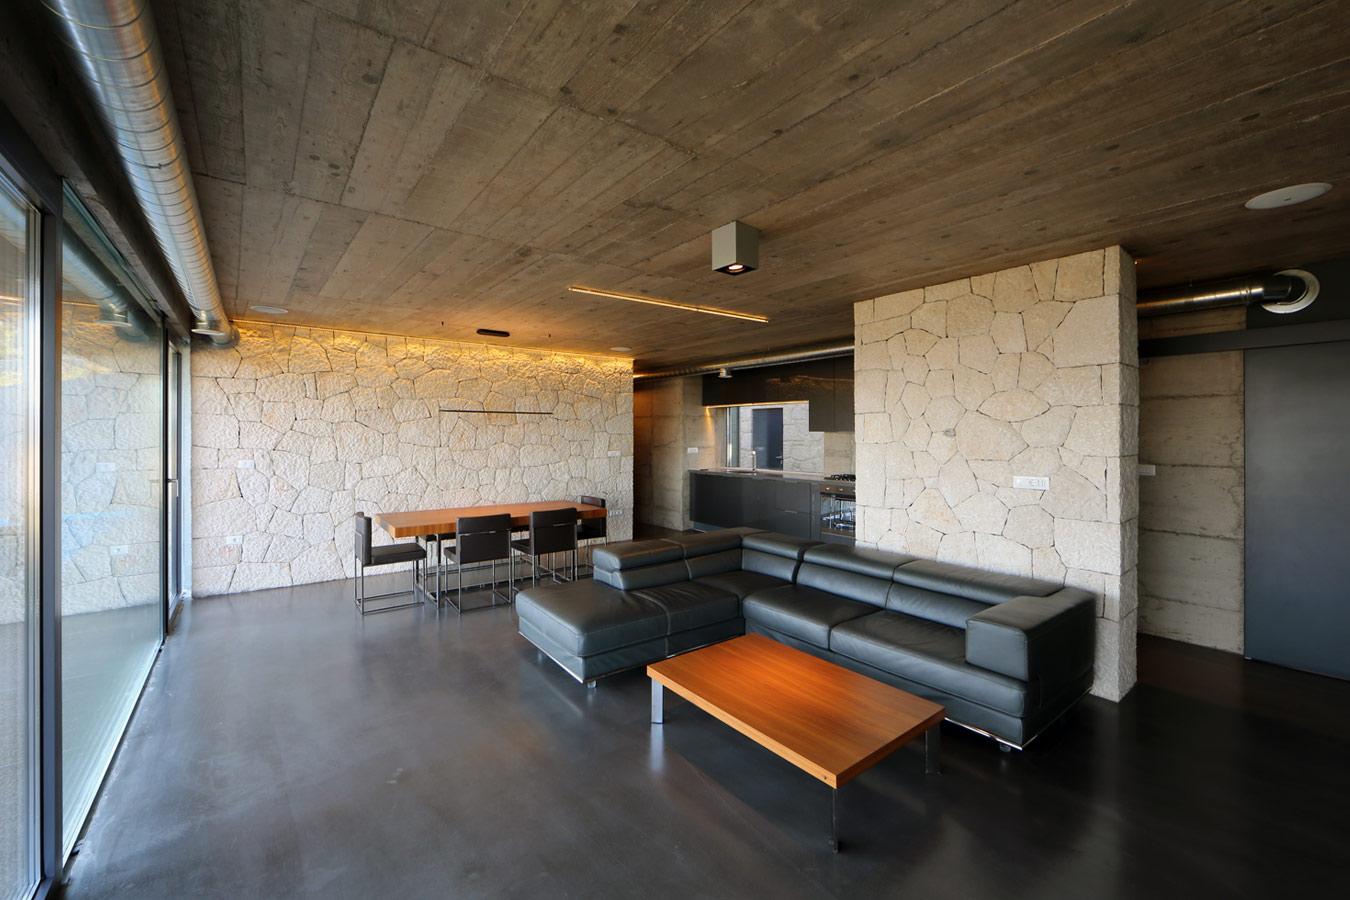 ideeën voor een moderne woonkamer  inspiratie, Meubels Ideeën